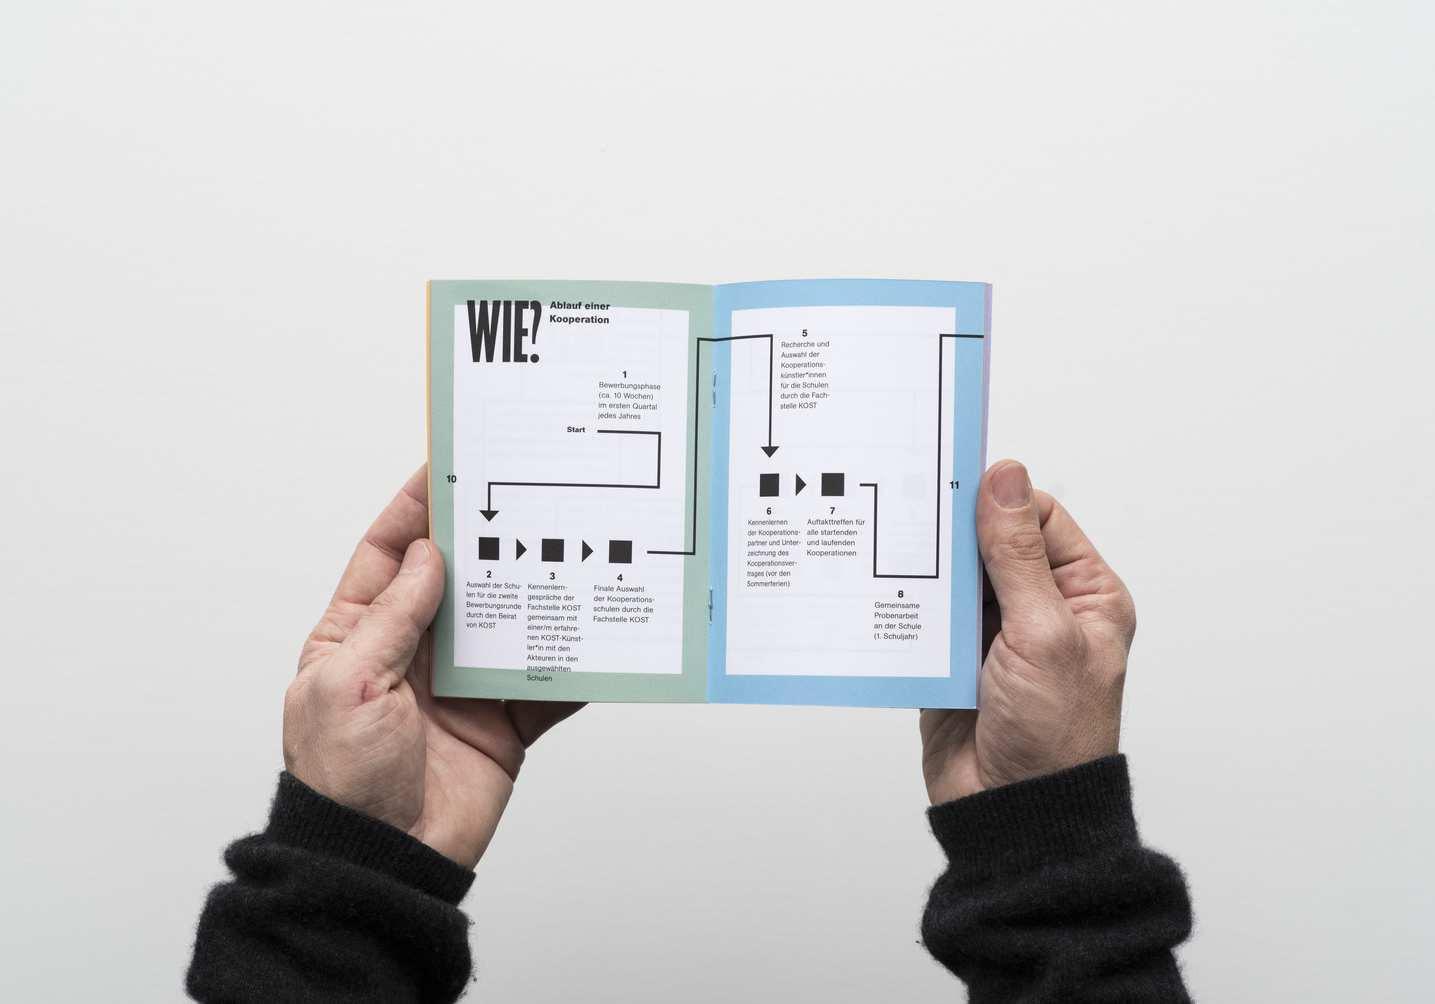 kost-tiny-brochure-6-1435x1004px